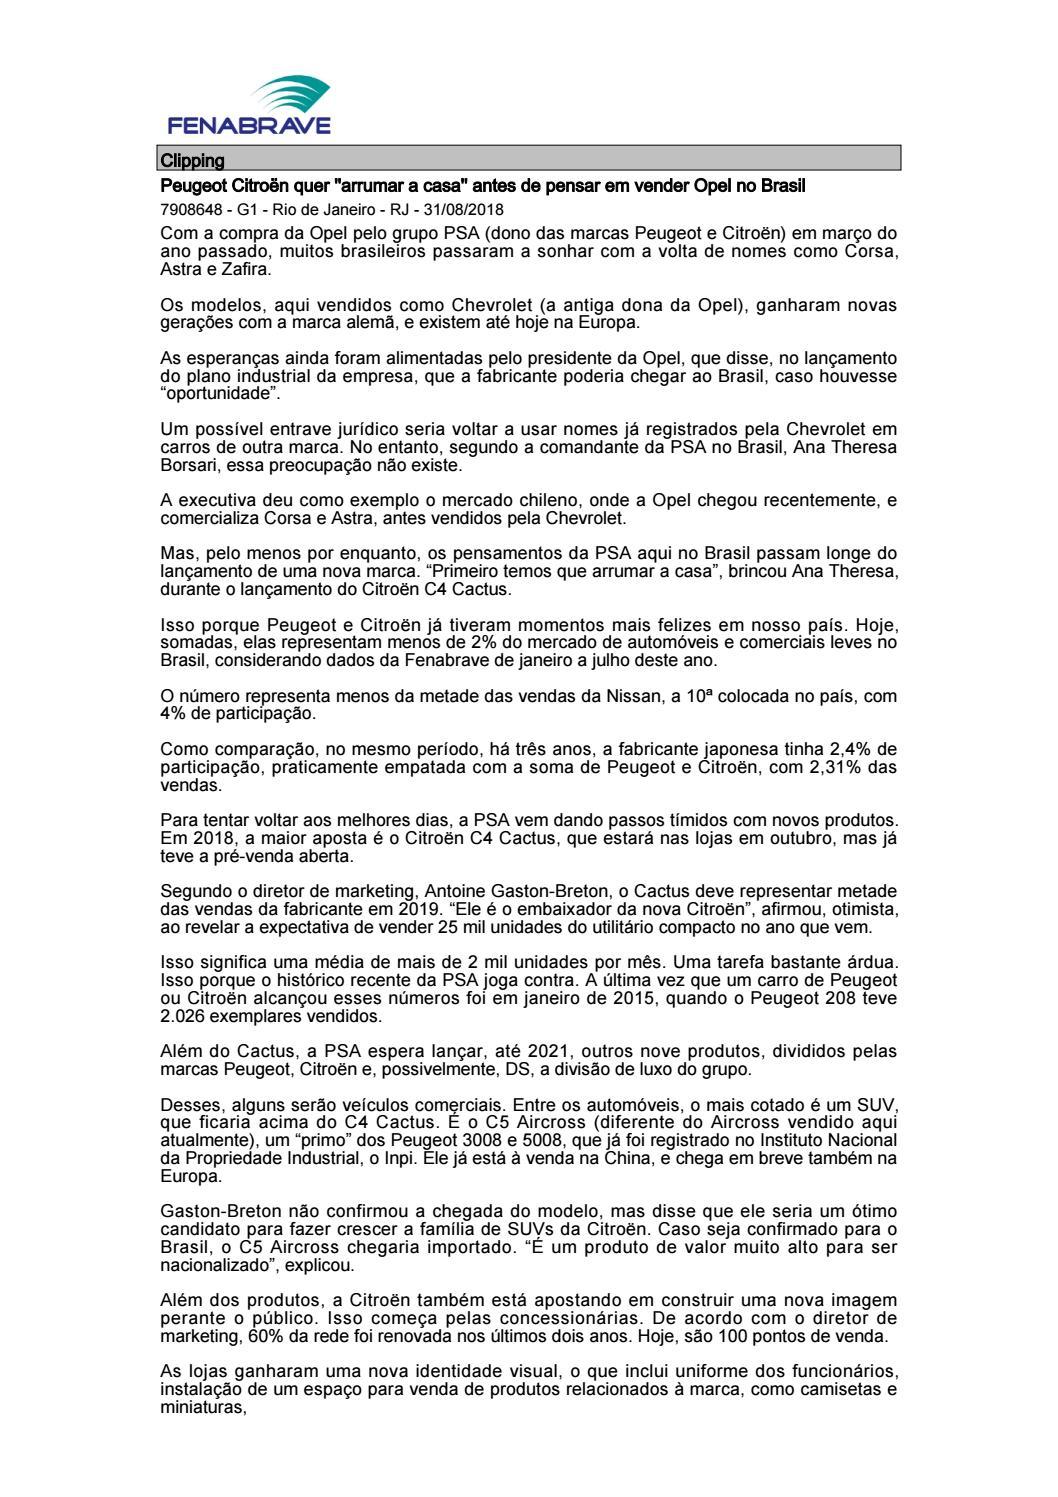 2a7ddc8ecf Clipping Fenabrave 03.09.2018 by MCE Comunicação - issuu